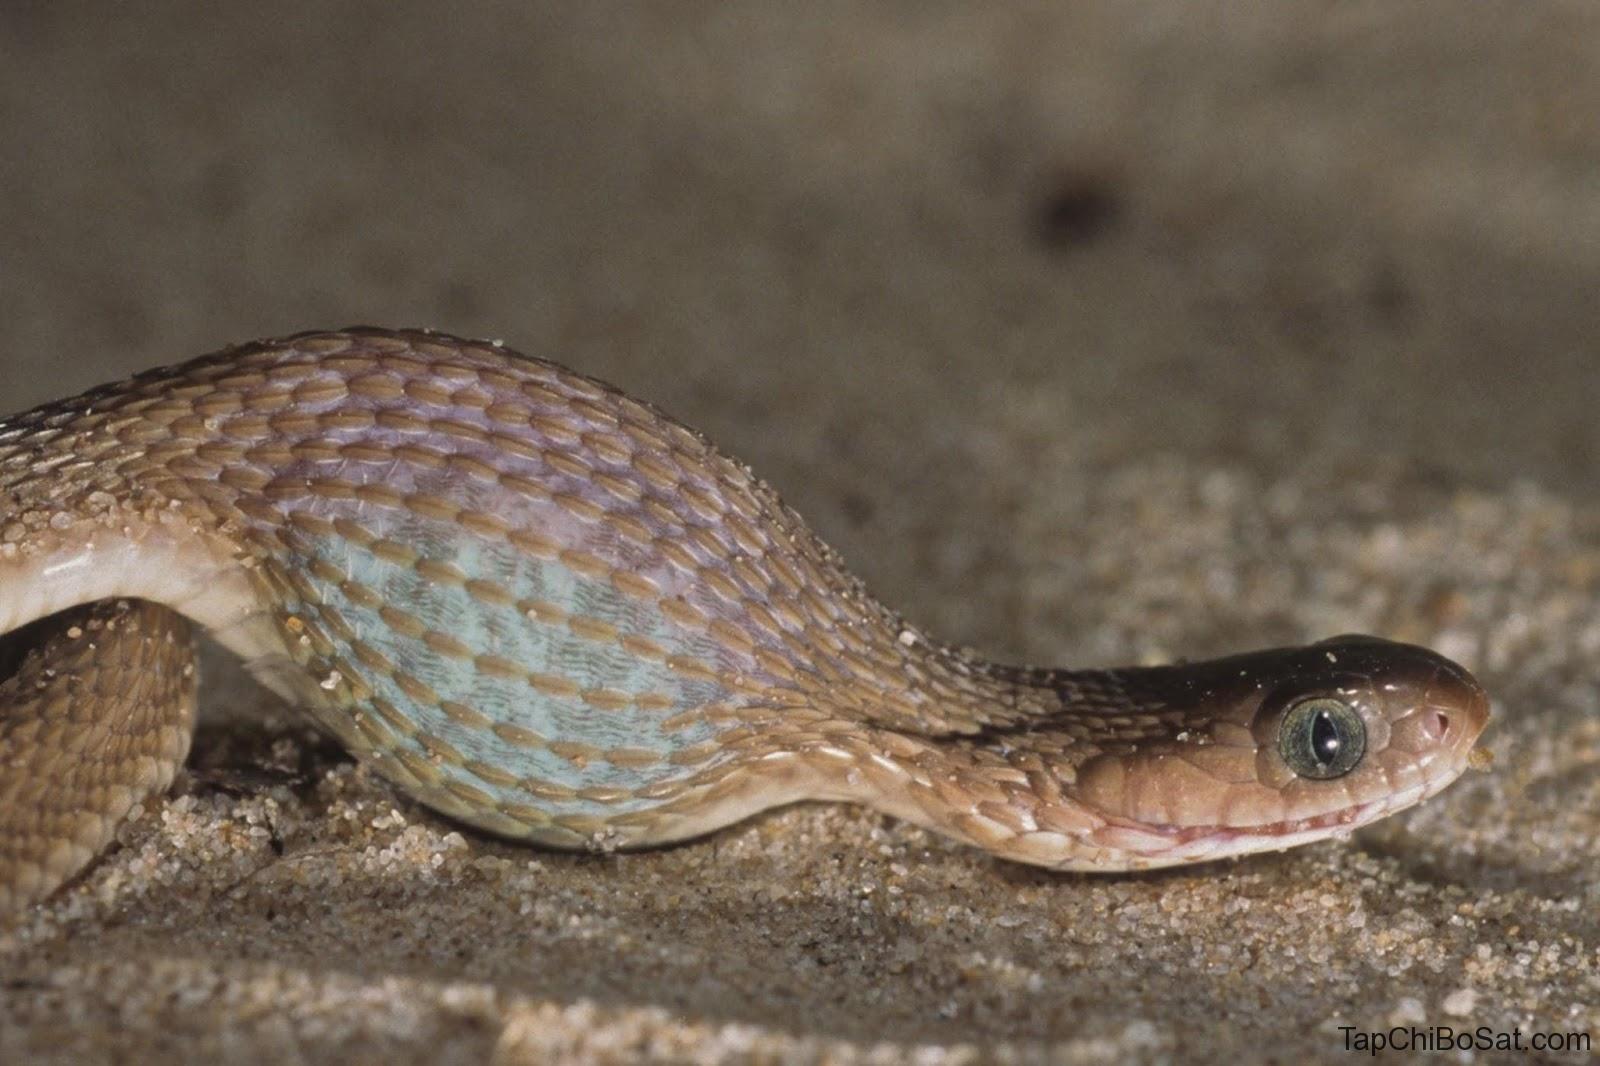 Bệnh thể vùi ở rắn cảnh